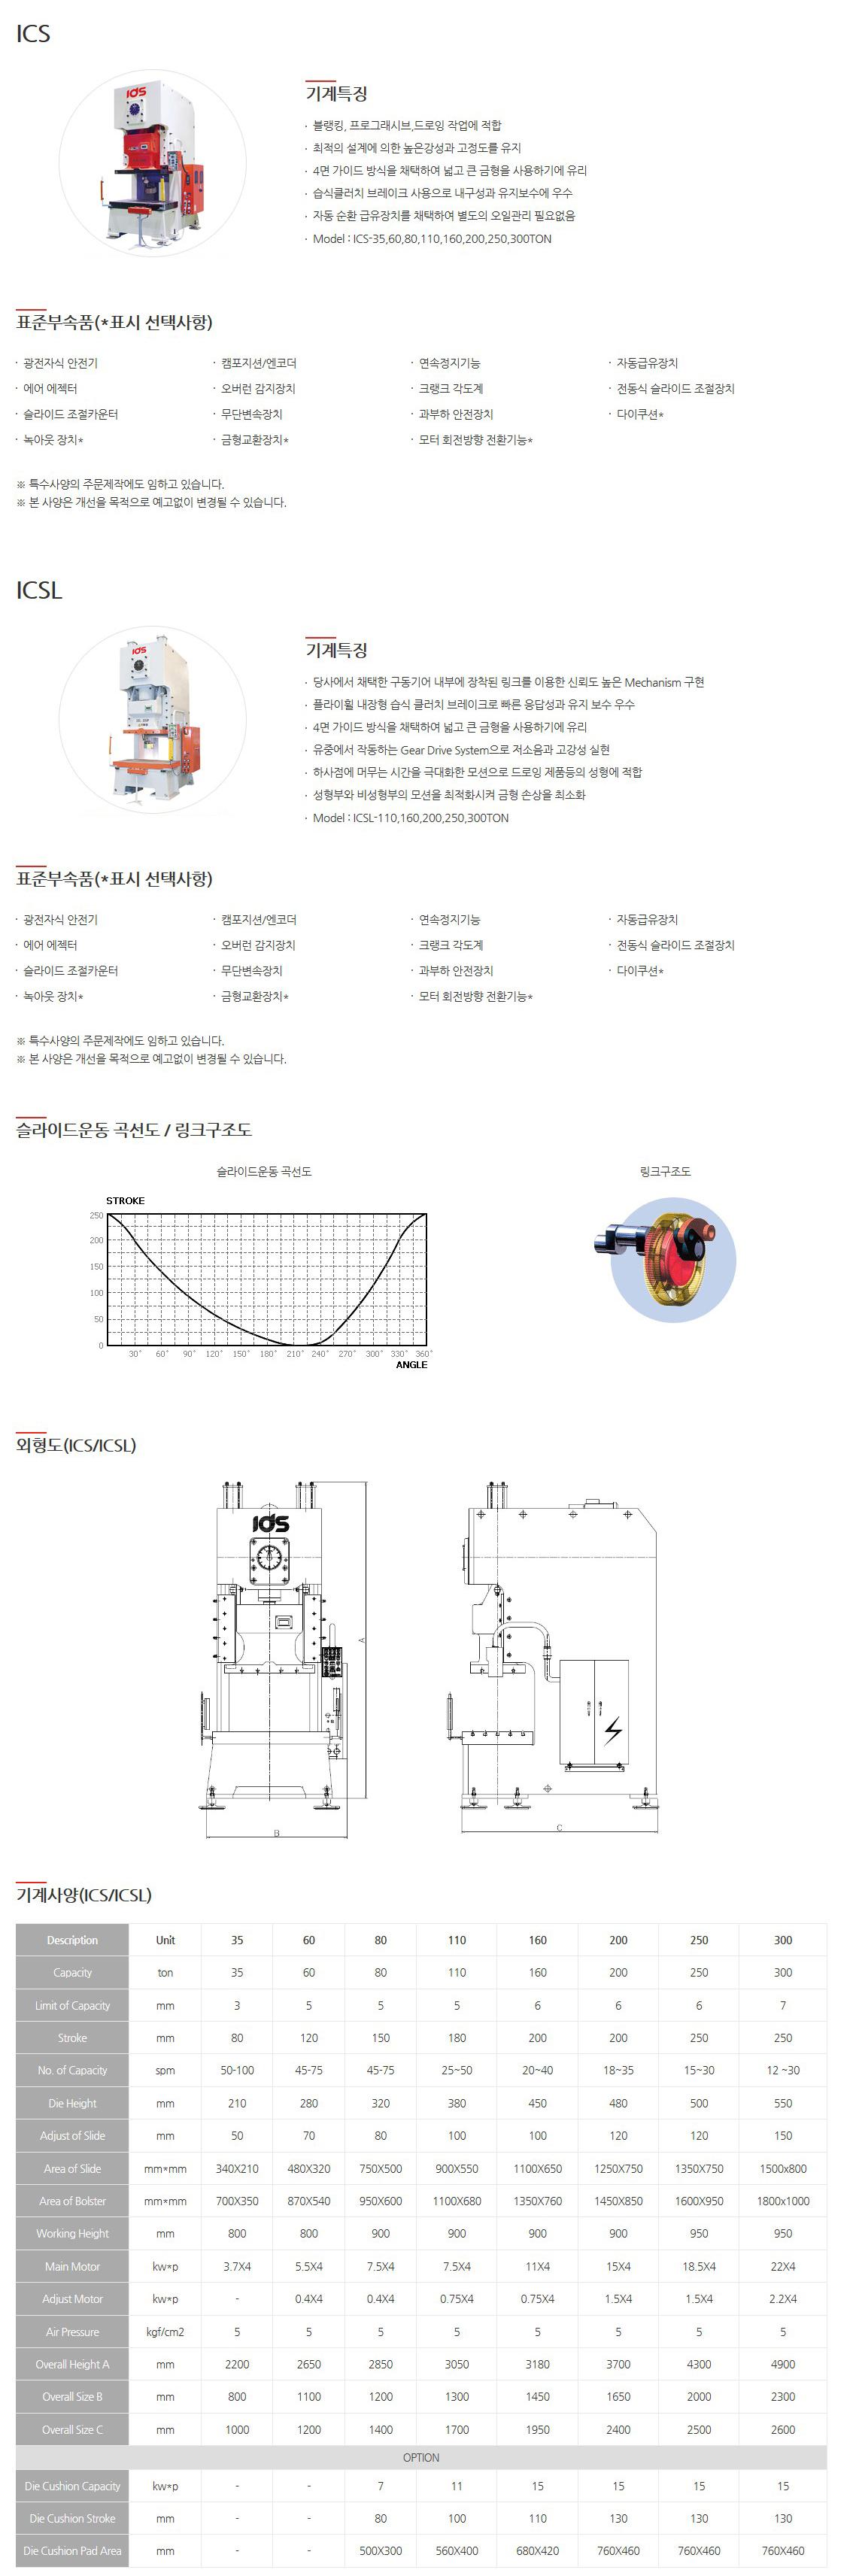 (주)아이디에스 기계식프레스 (C-Type Press) ICS, ICSL 1